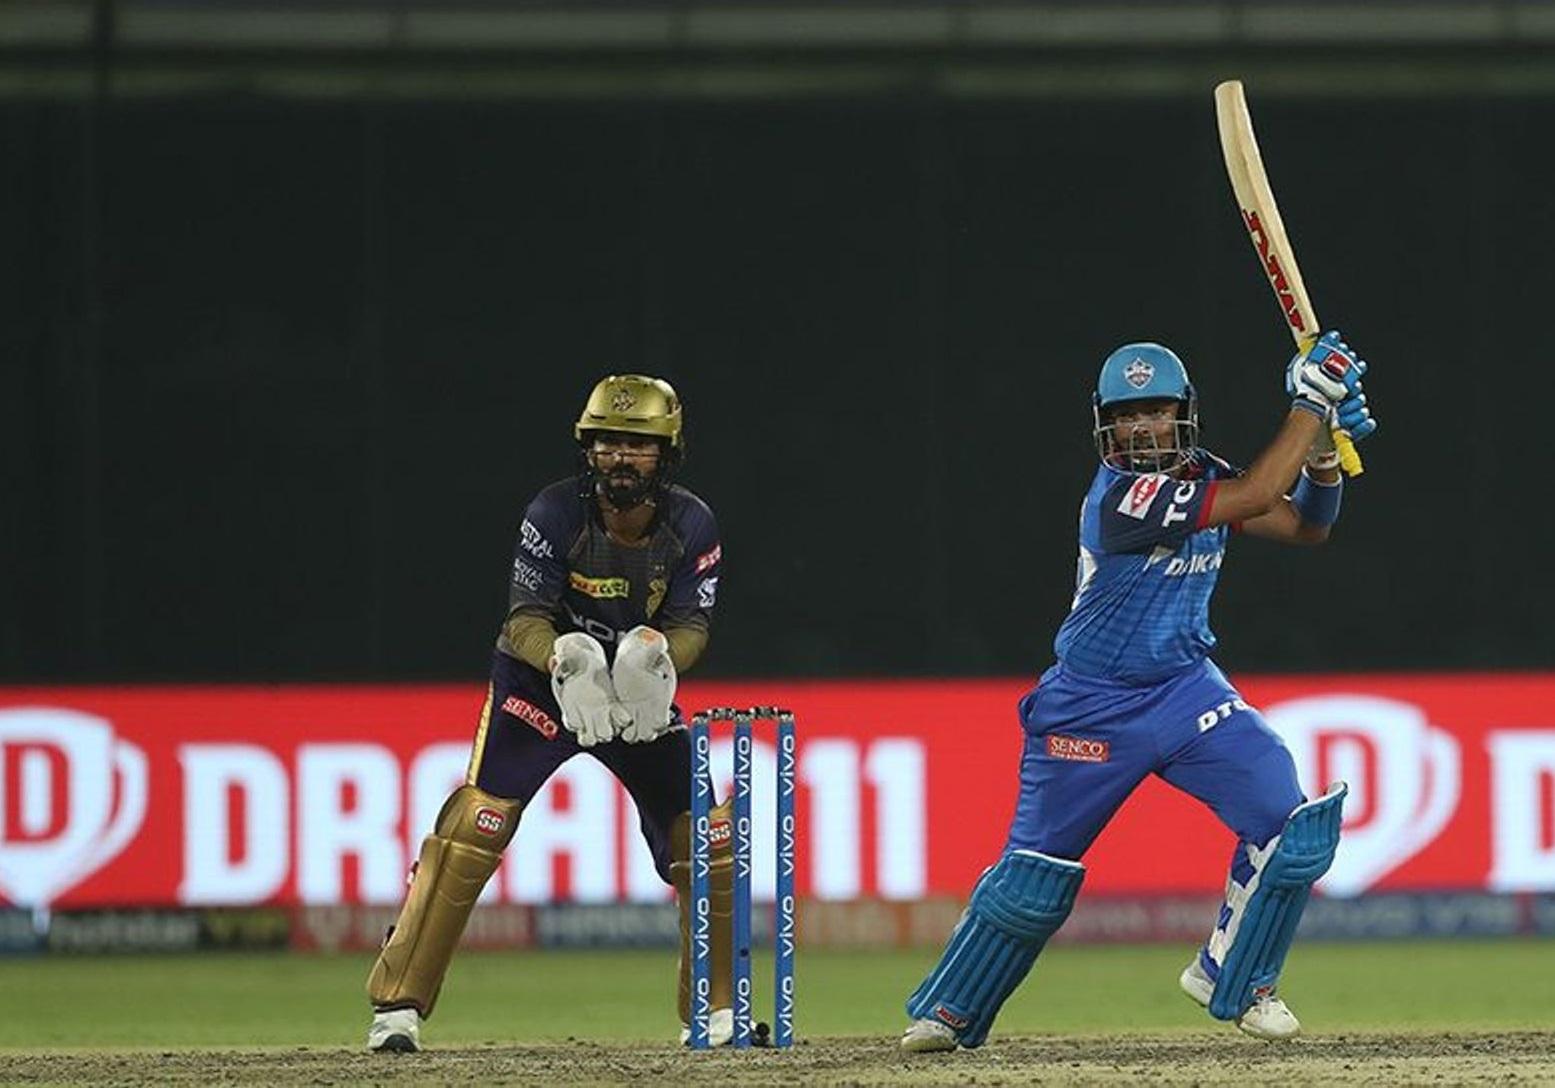 दिल्ली कॅपिटल्सचा सलामीवीर पृथ्वी शॉ नर्वस नाइंटीजची शिकार झाला. त्याने 55 चेंडूत 13 चौकार आणि 3 षटकारांच्या सहाय्याने 99 धावा केल्या. अवघ्या एका धावेने त्याचे शतक हुकले.